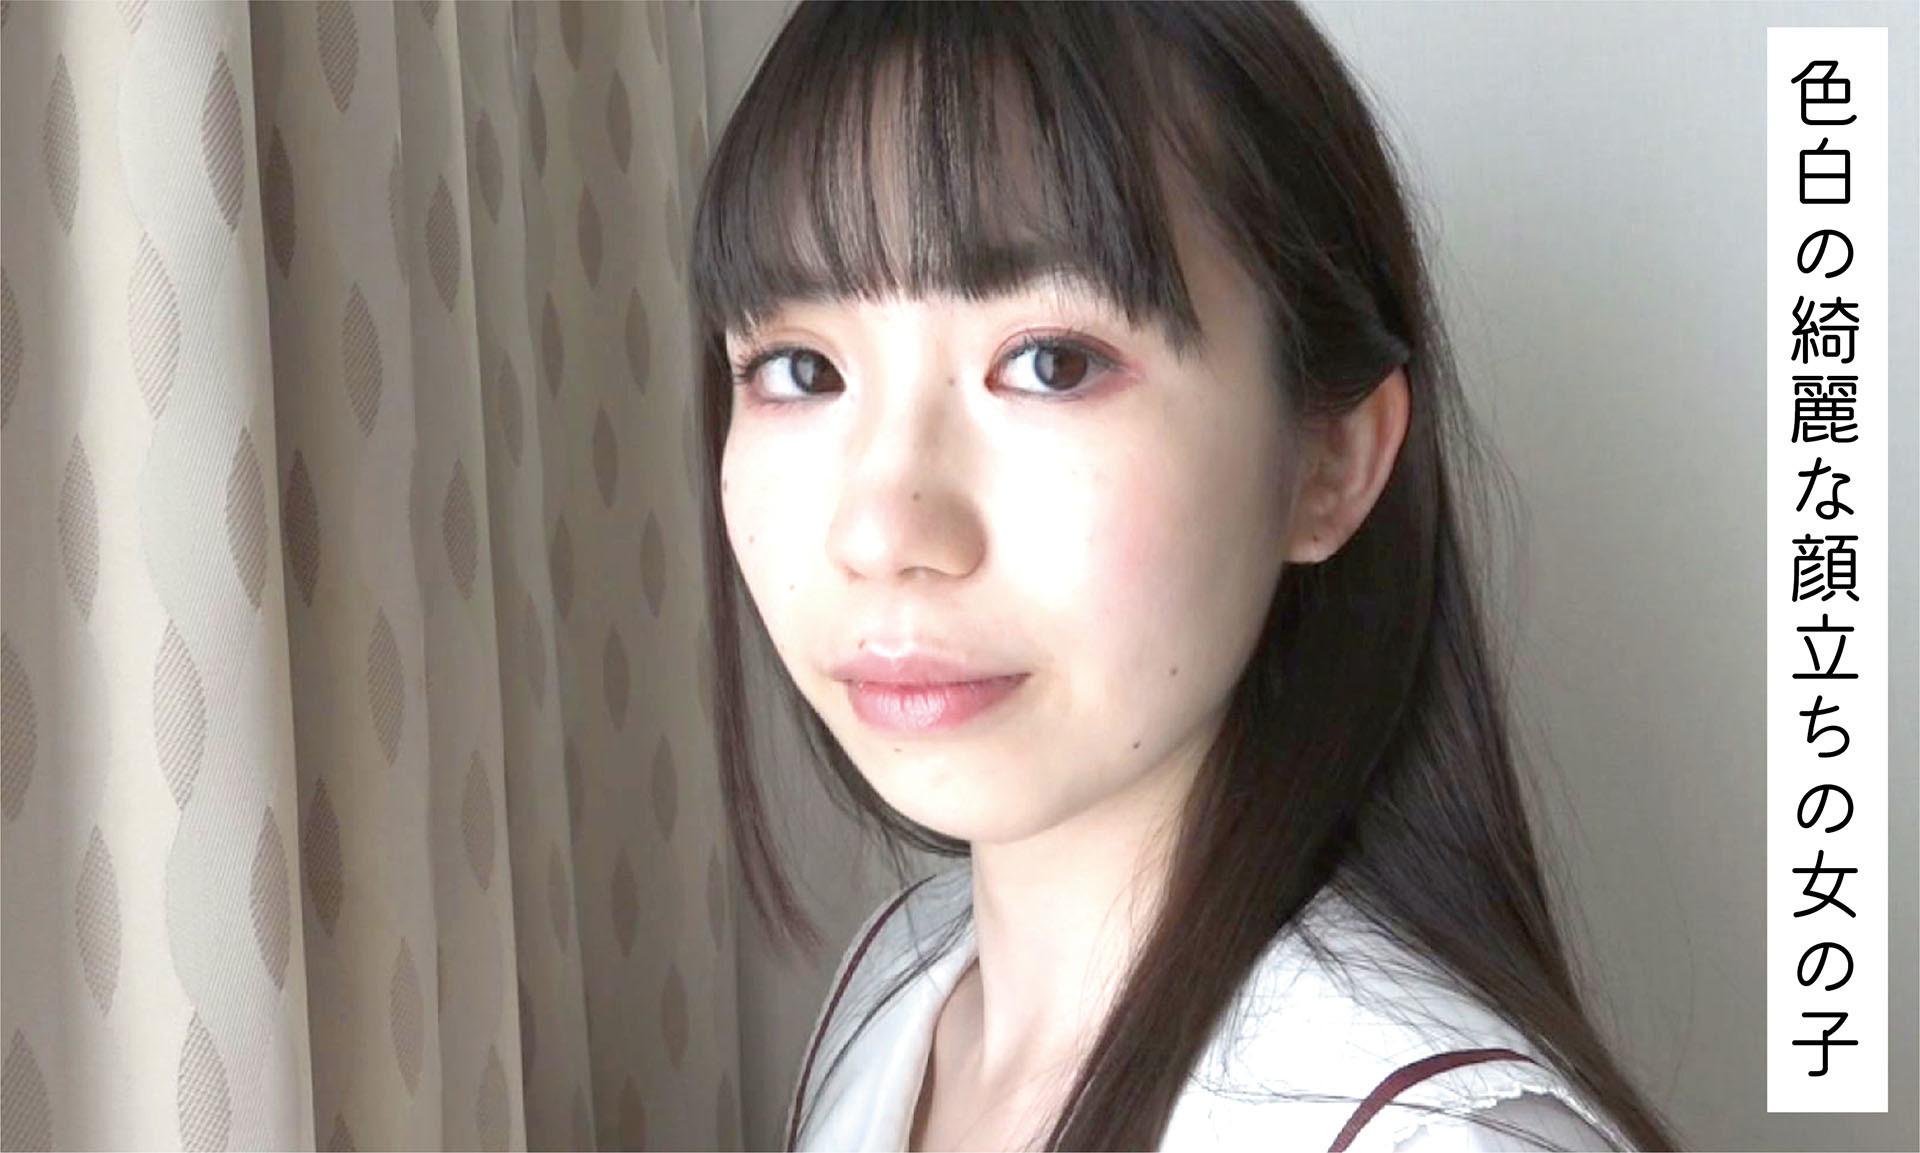 普通の家庭で育ったフツーの女の子がAVを処女喪失の場所に選んだ理由。 内田真綾 画像2